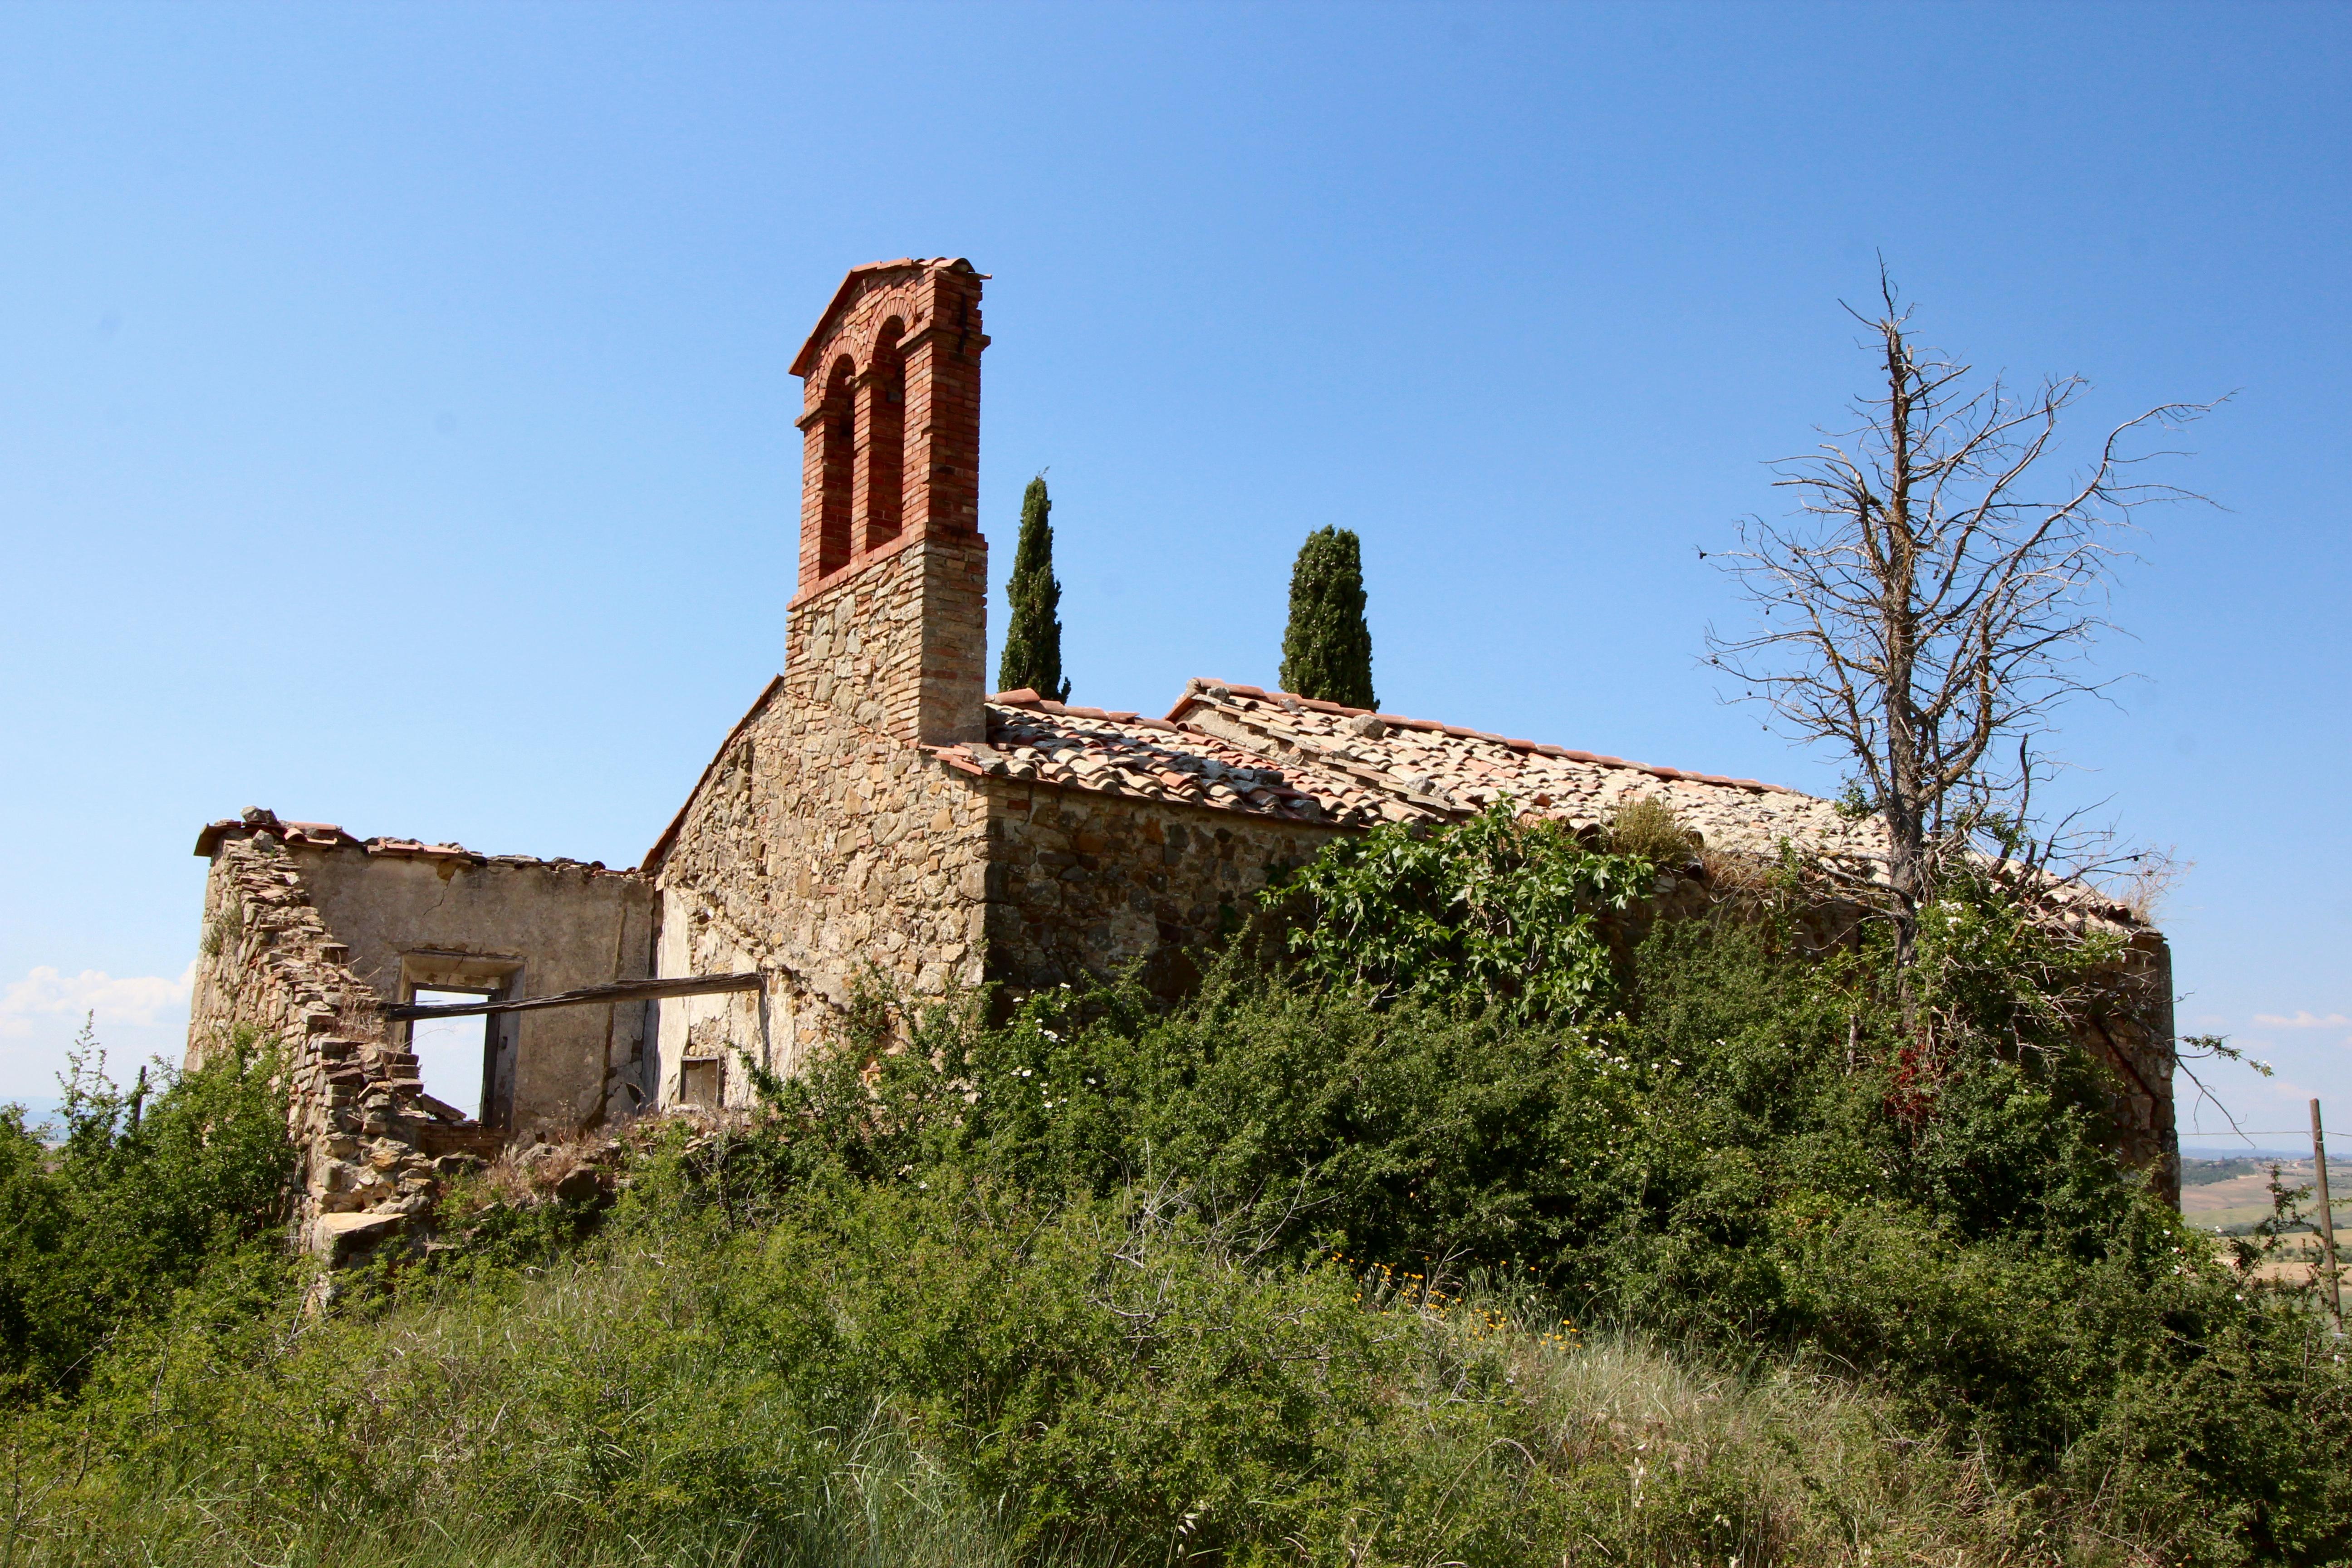 Church Ruin Madonna del Riguardo, just outside of San Quirico d'Orcia